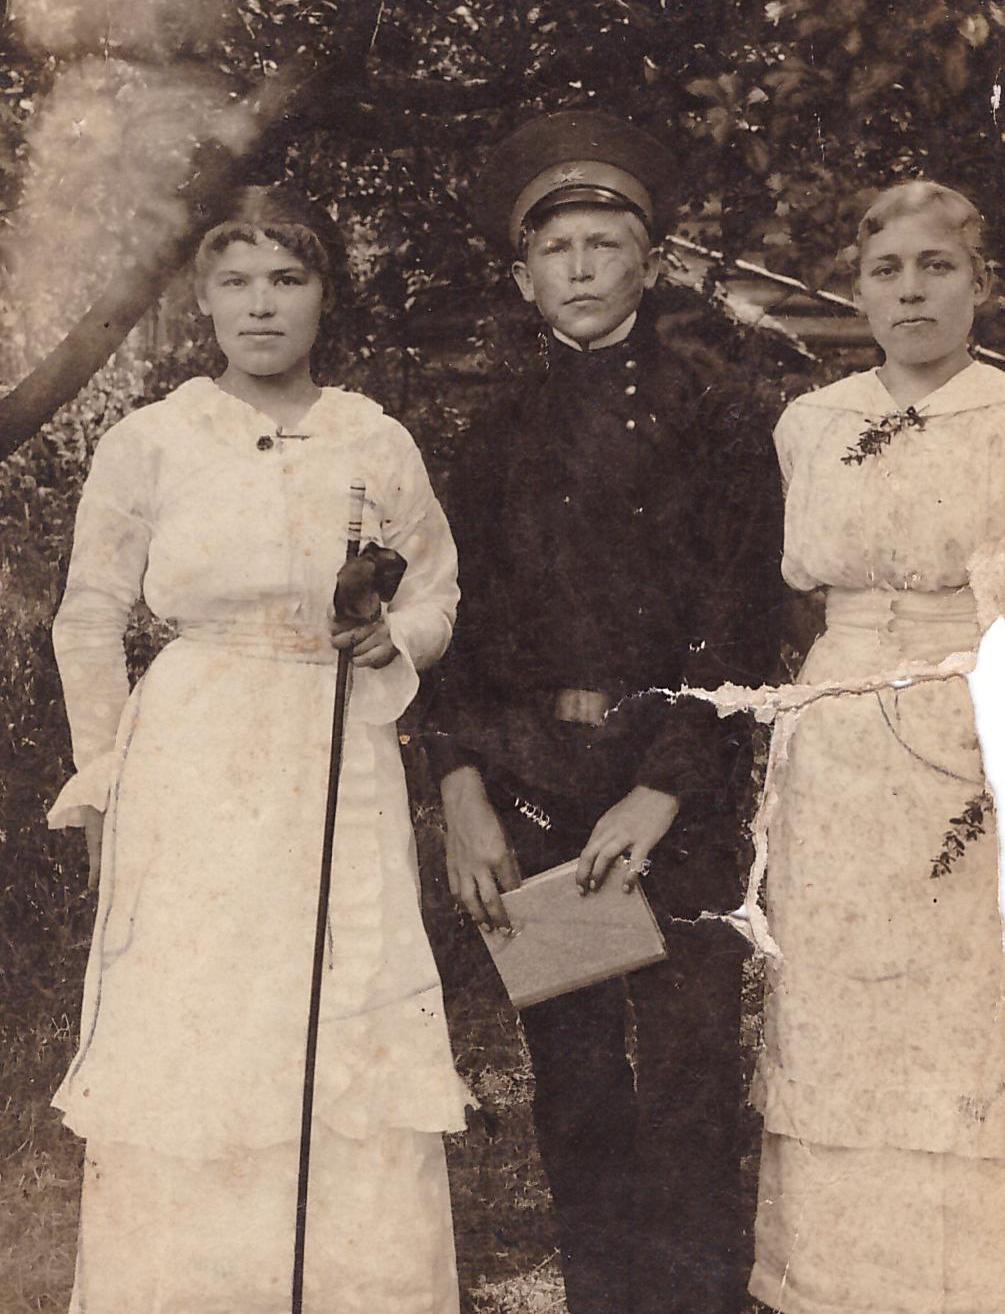 Язэп Вількоўскі з сёстрамі Вольгай і Верай, 1914 г